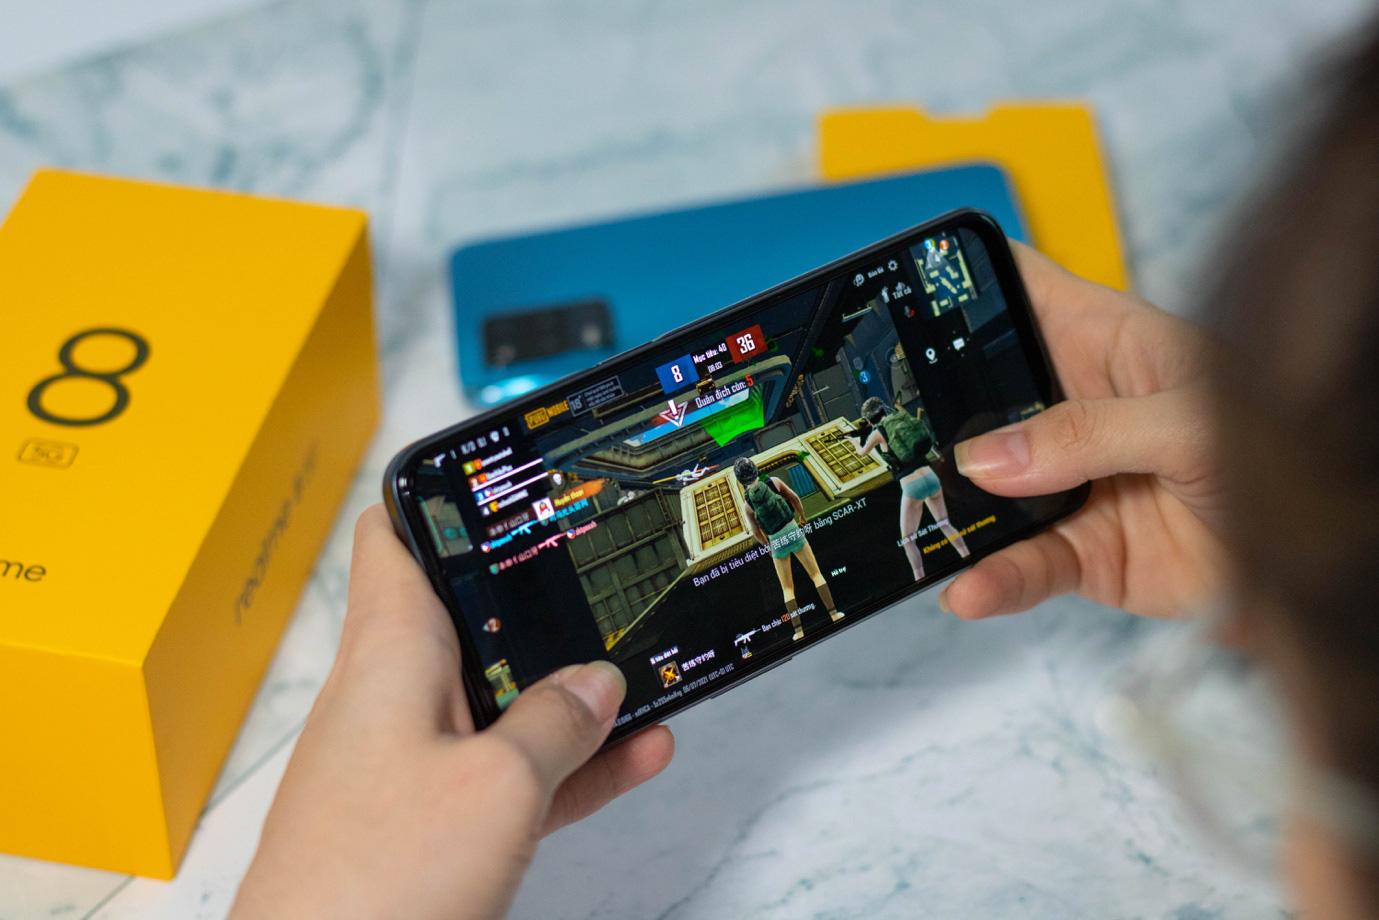 Trên tay chiếc điện thoại 5G hot nhất của realme: Xem phim cả ngày, cày game lướt web siêu nhanh, siêu khỏe! - Ảnh 3.